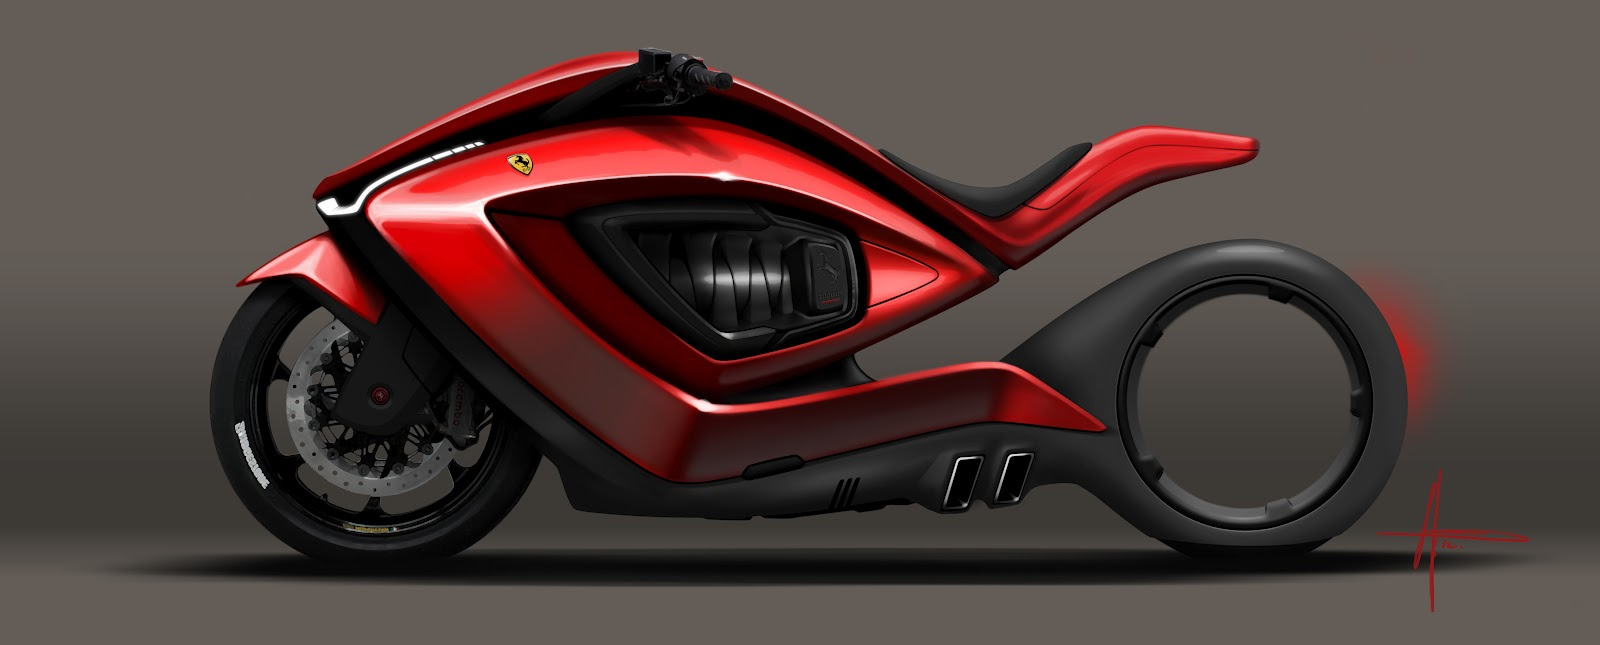 Ferrari Motorcycle Tes...